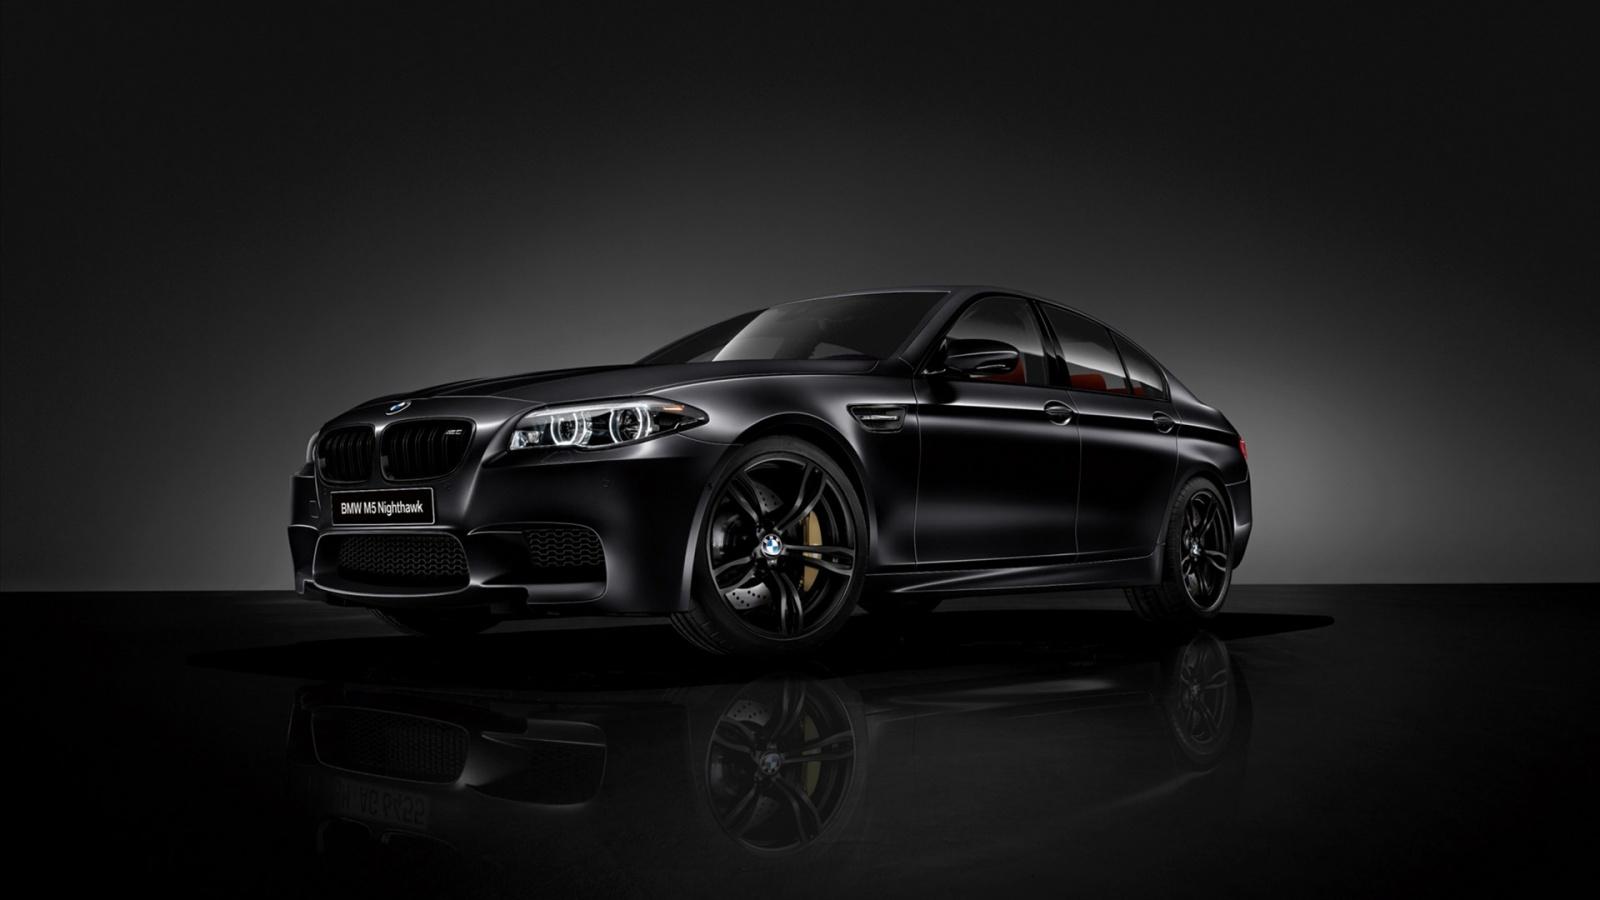 2013 BMW M5 Nighthawk Wallpaper HD Car Wallpapers 1600x900